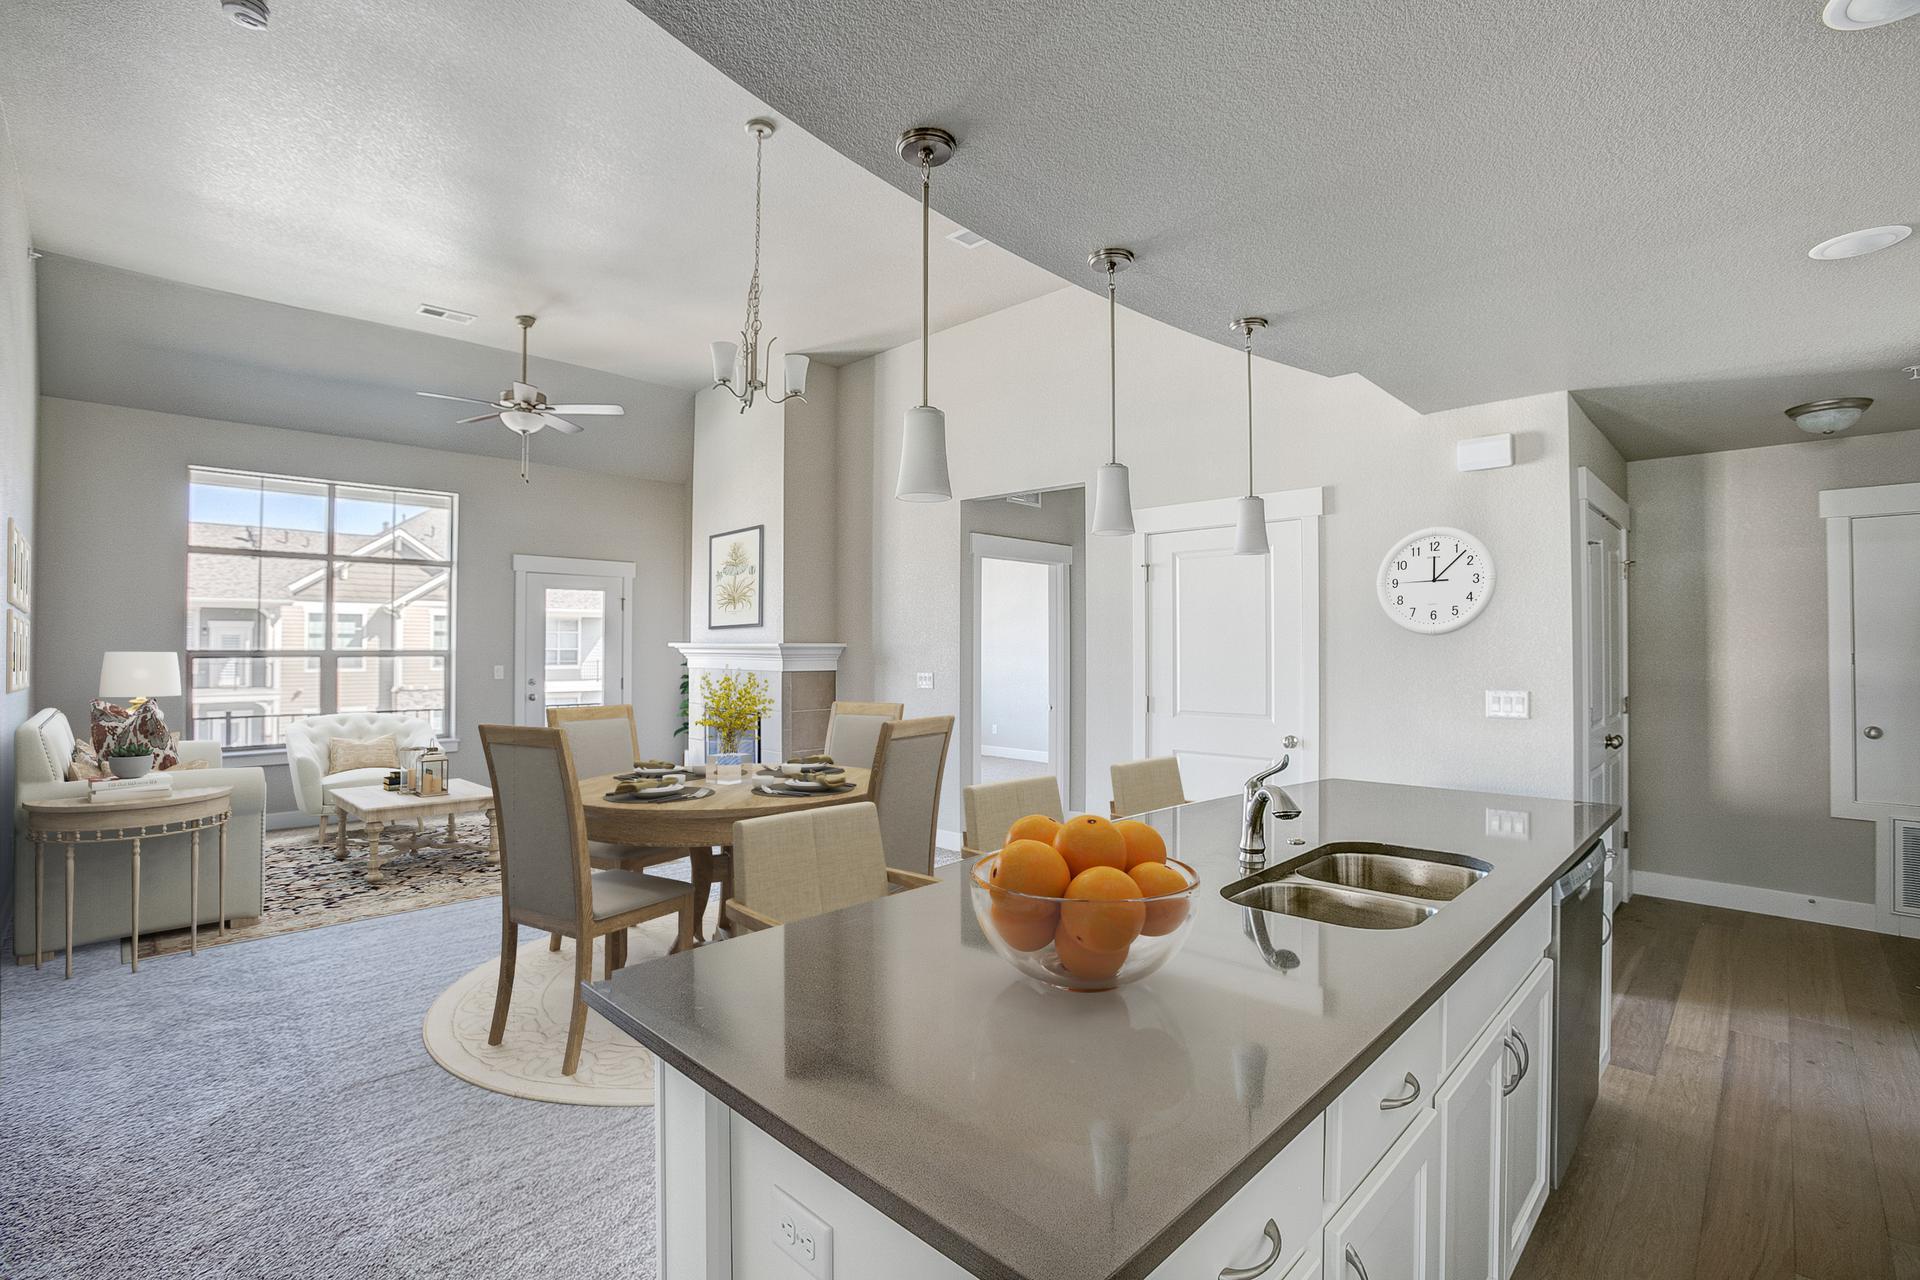 Kitchen -  Previous Cambridge Floor Plan. 1,435sf New Home